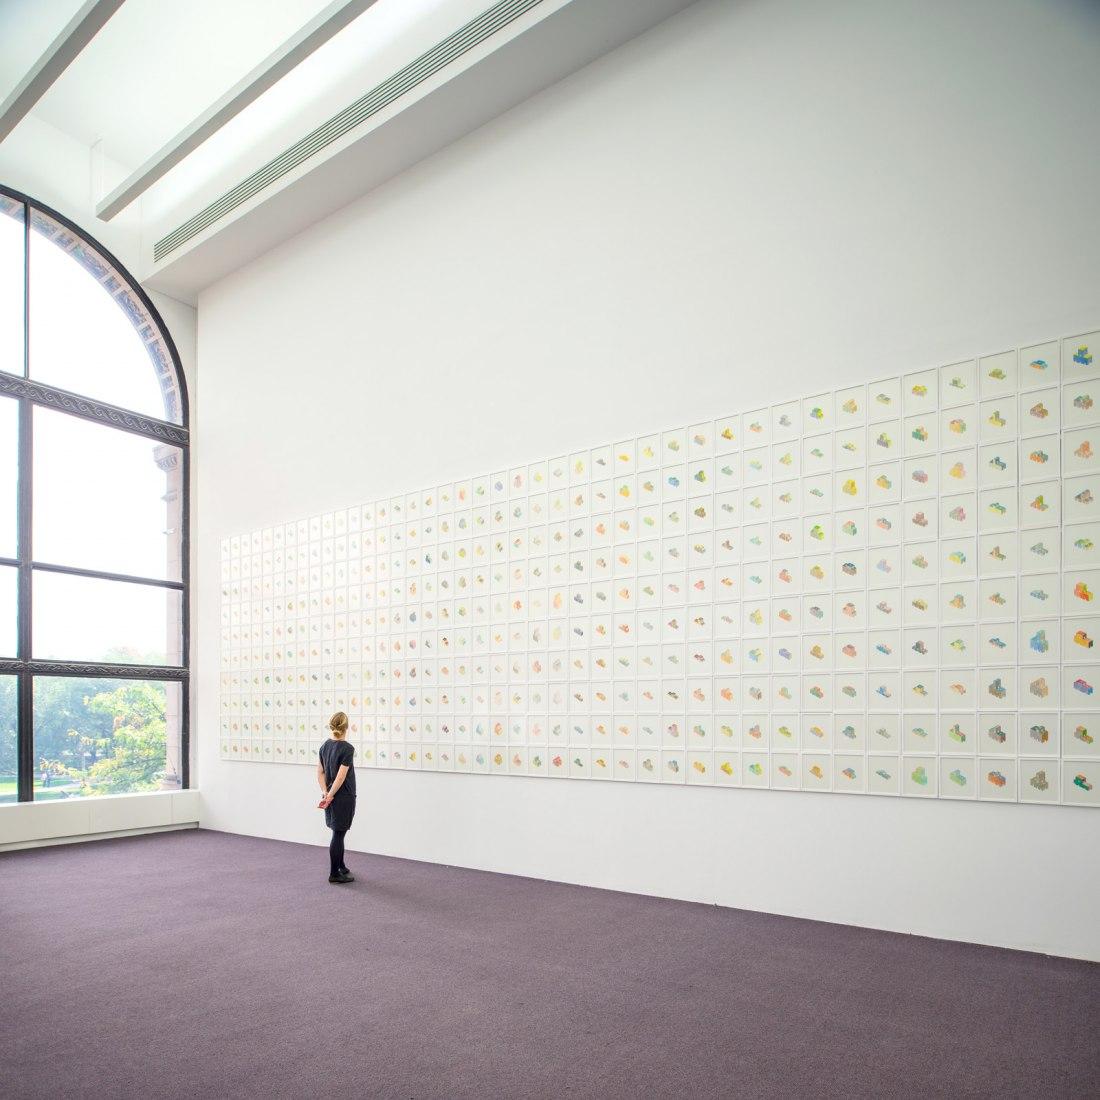 Finite Forma 04, by Pezo von Ellrichshausen. Photograph © Solo Galerie / Pezo von Ellrichshausen